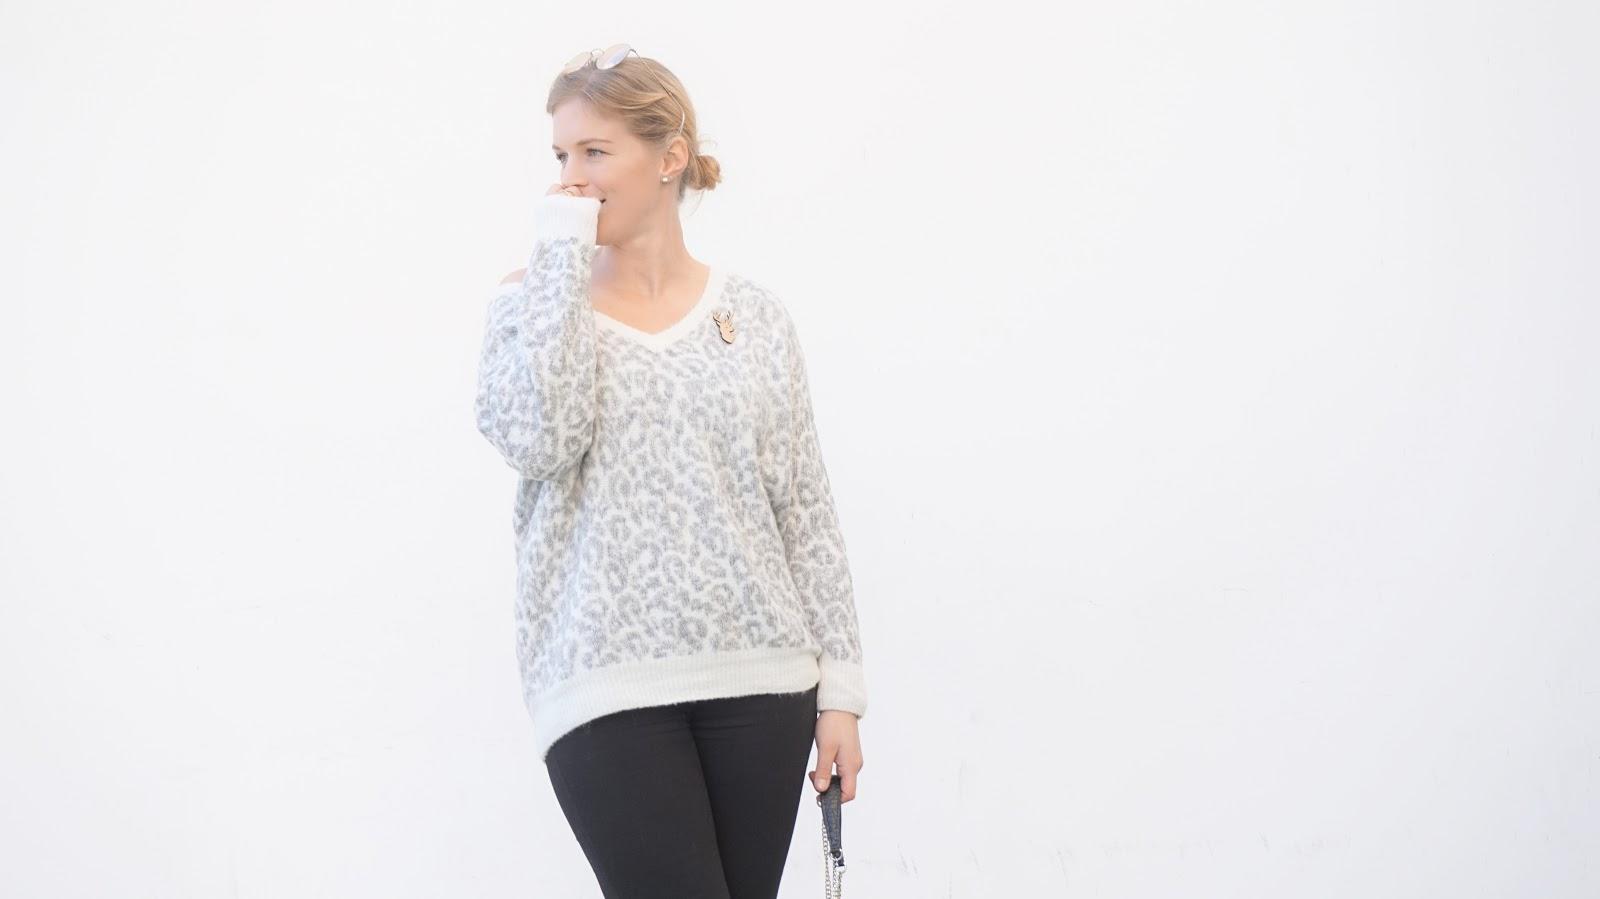 DSC01295 | Eline Van Dingenen